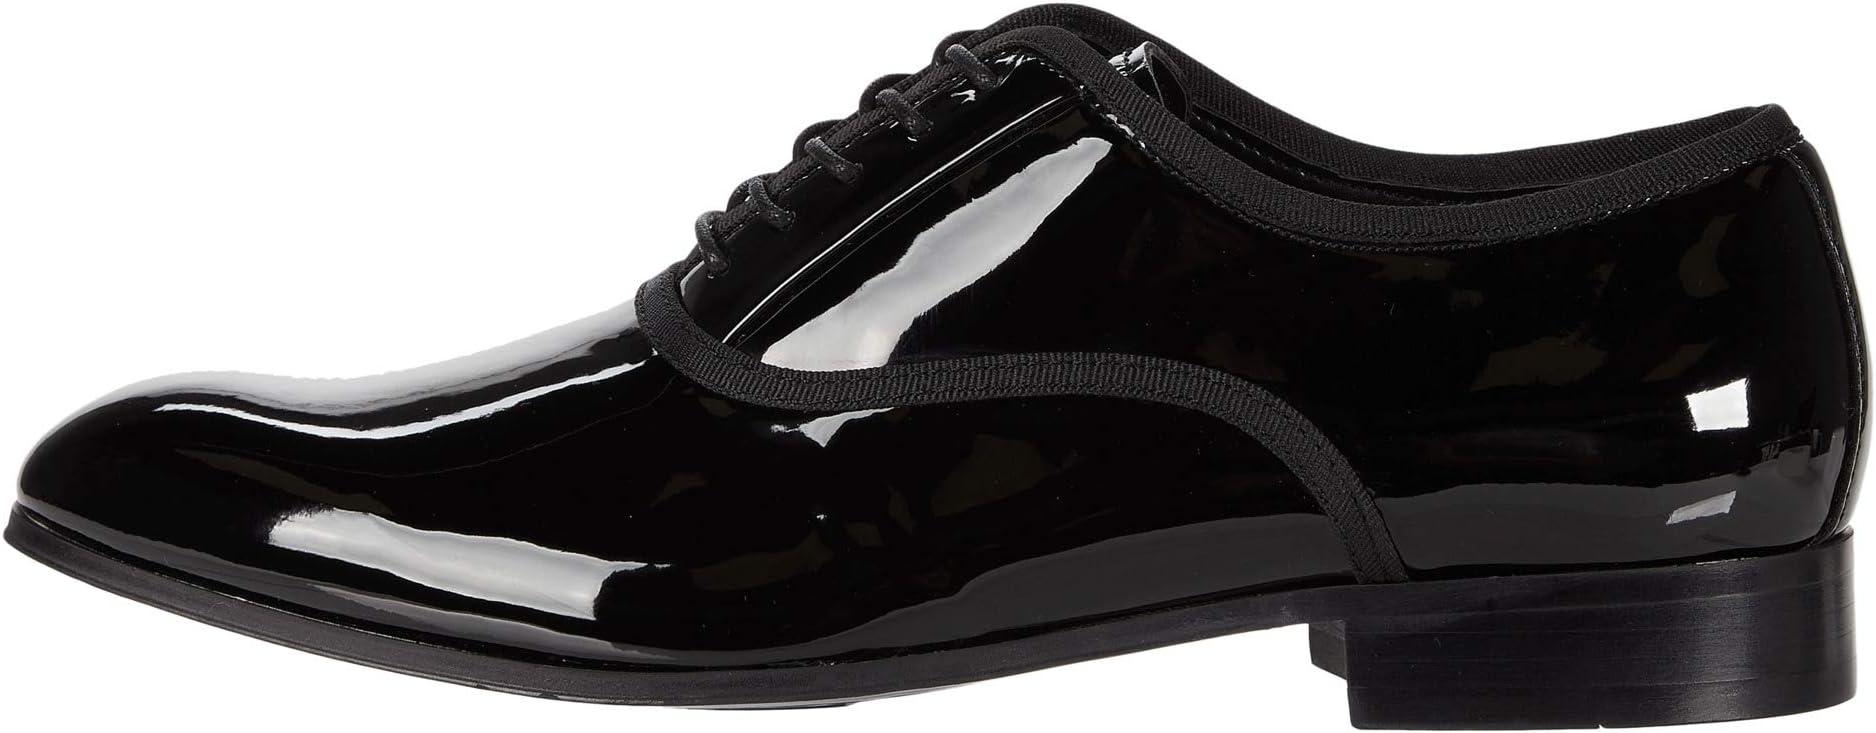 ALDO Mirron | Men's shoes | 2020 Newest